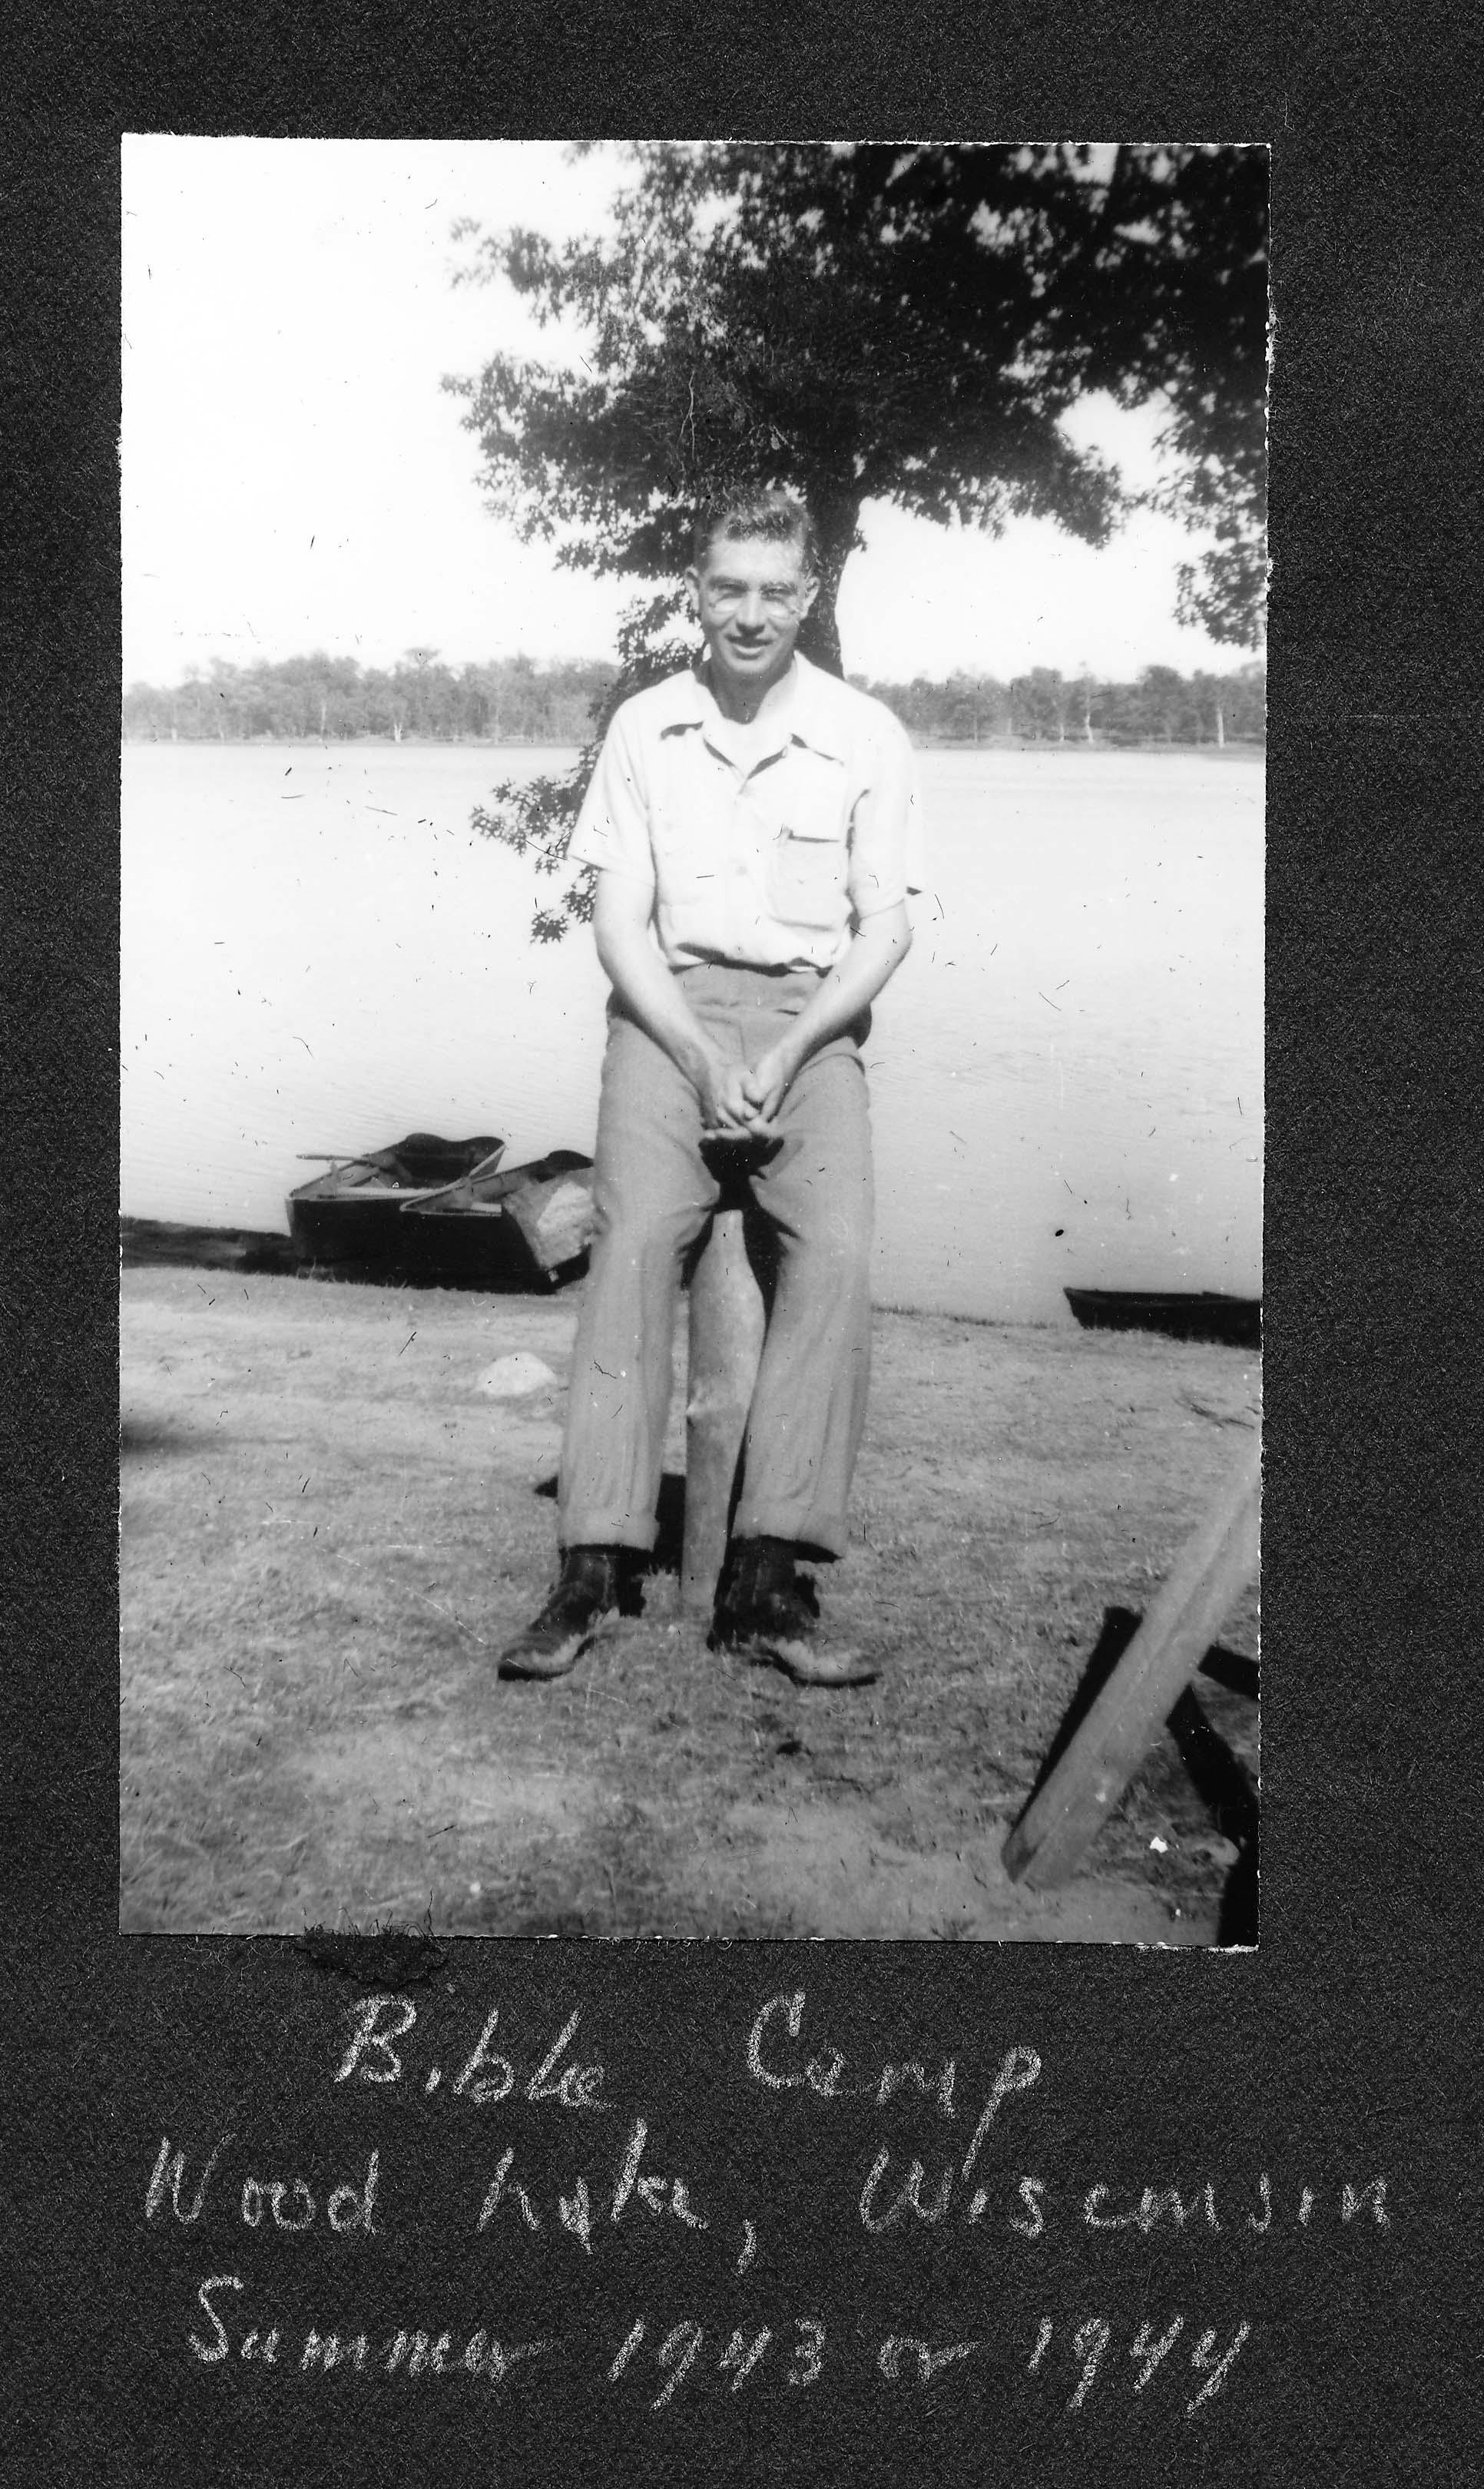 Bible Camp, Wood Lake, WI 1943 or 1944